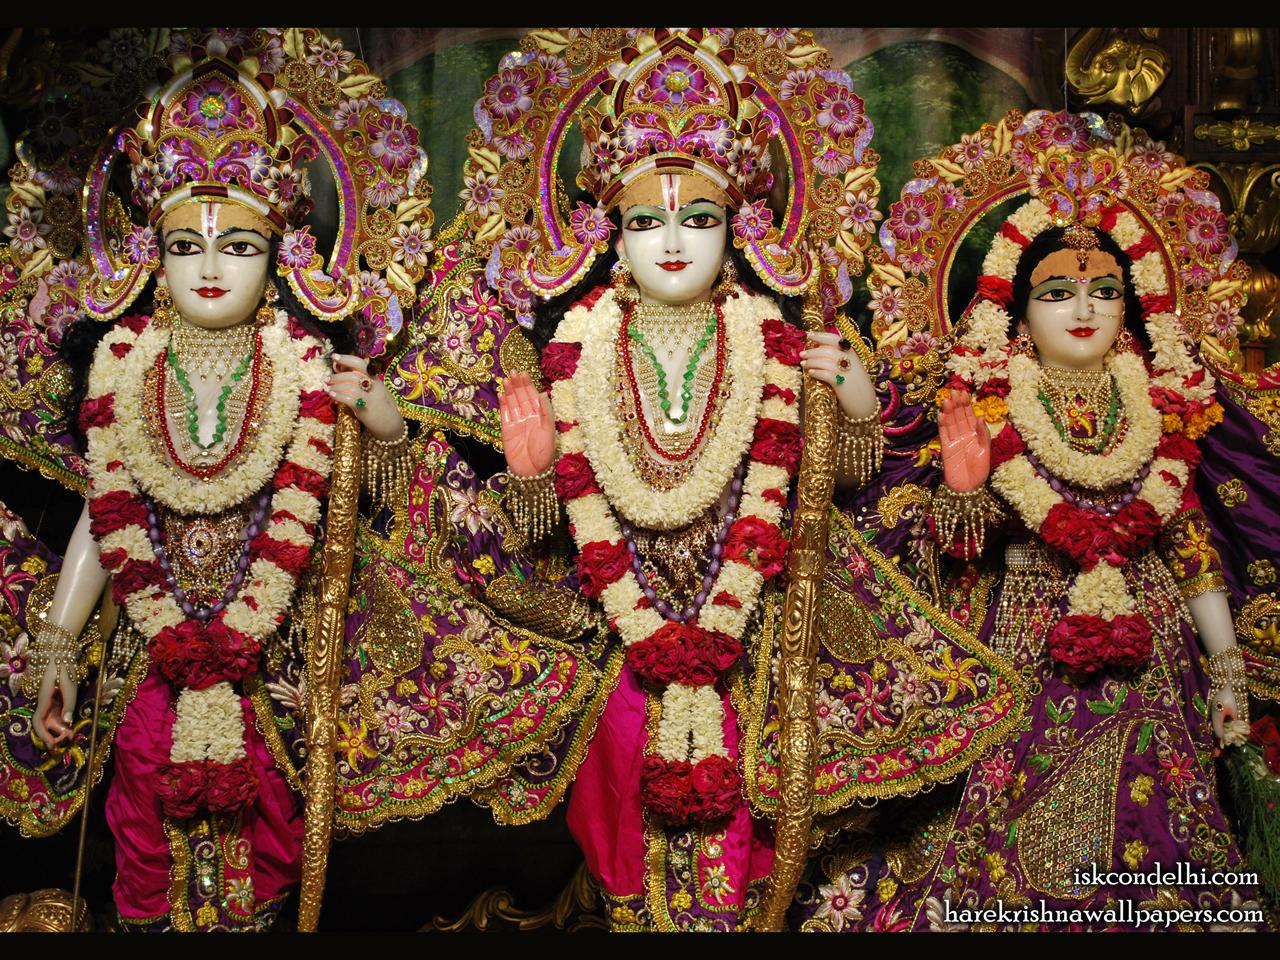 Sri Sri Sita Rama Laxman Wallpaper (007) Size 1280x960 Download